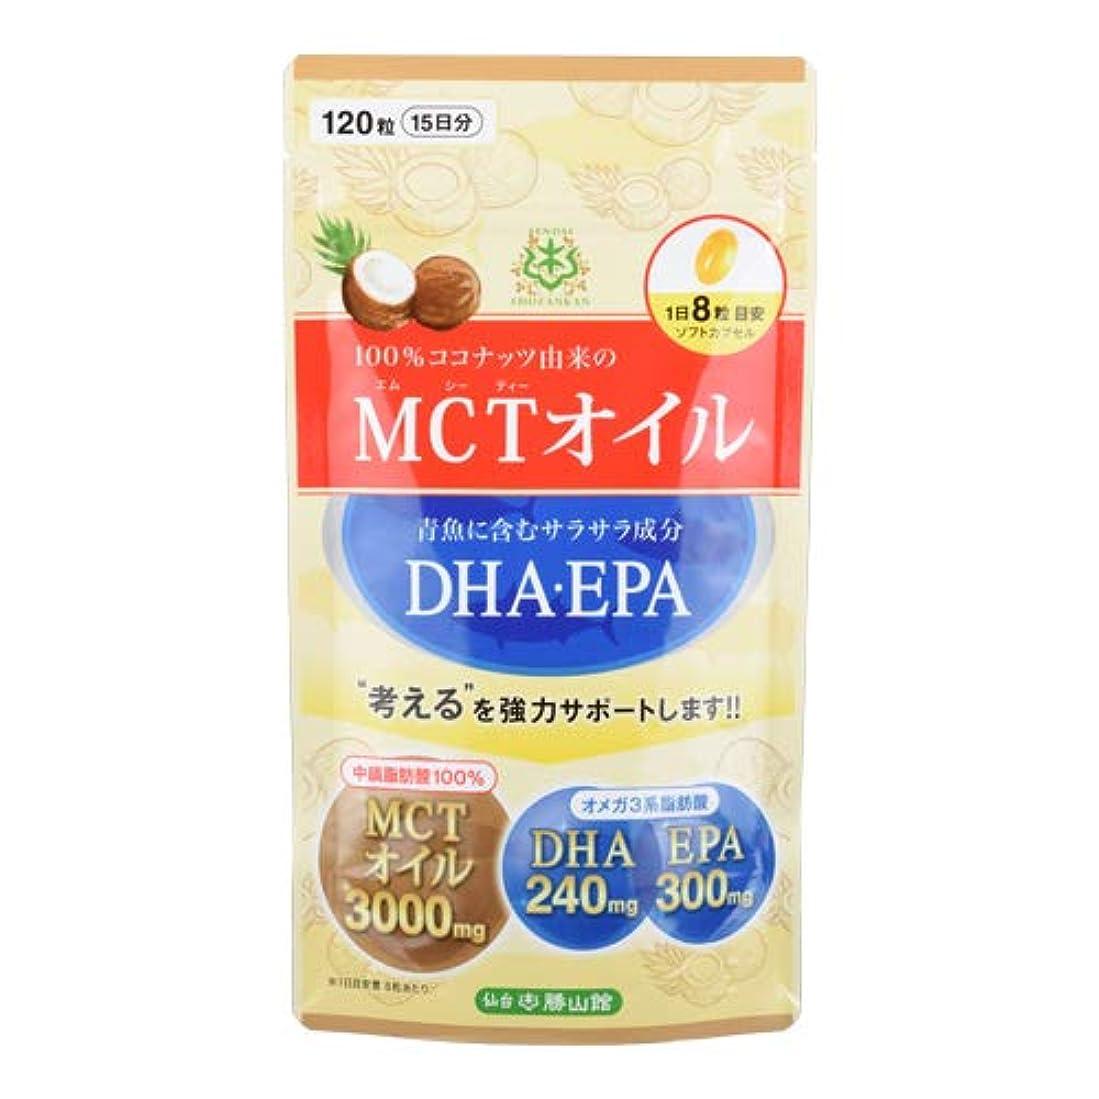 後悔位置するアンタゴニスト仙台勝山館MCTオイル+DHA?EPAサプリメント(120粒)